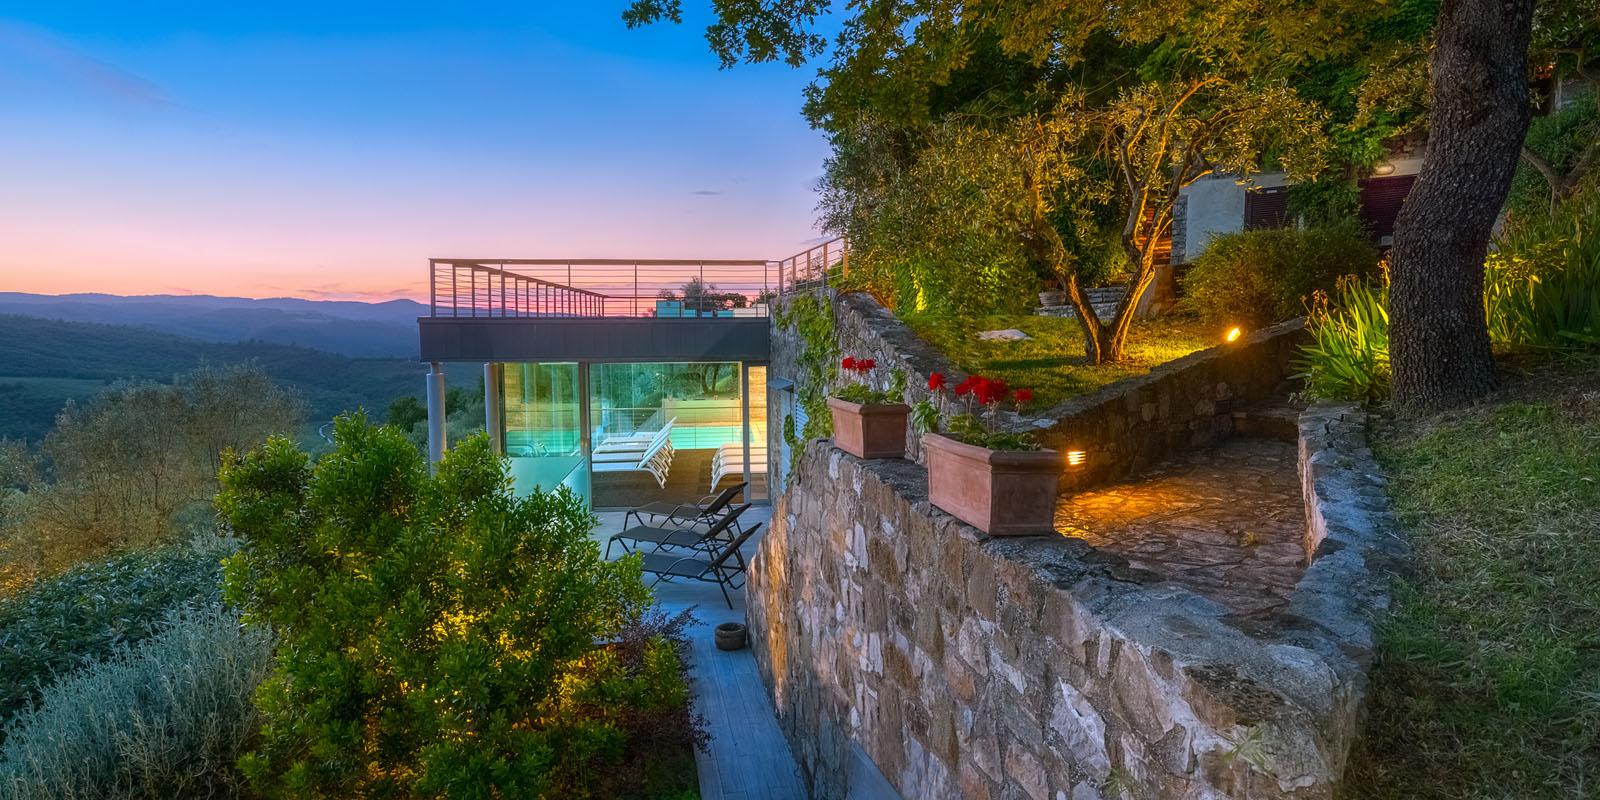 Rustico / Casale in vendita a Monte Castello di Vibio, 7 locali, zona Zona: Doglio, prezzo € 2.600.000 | CambioCasa.it